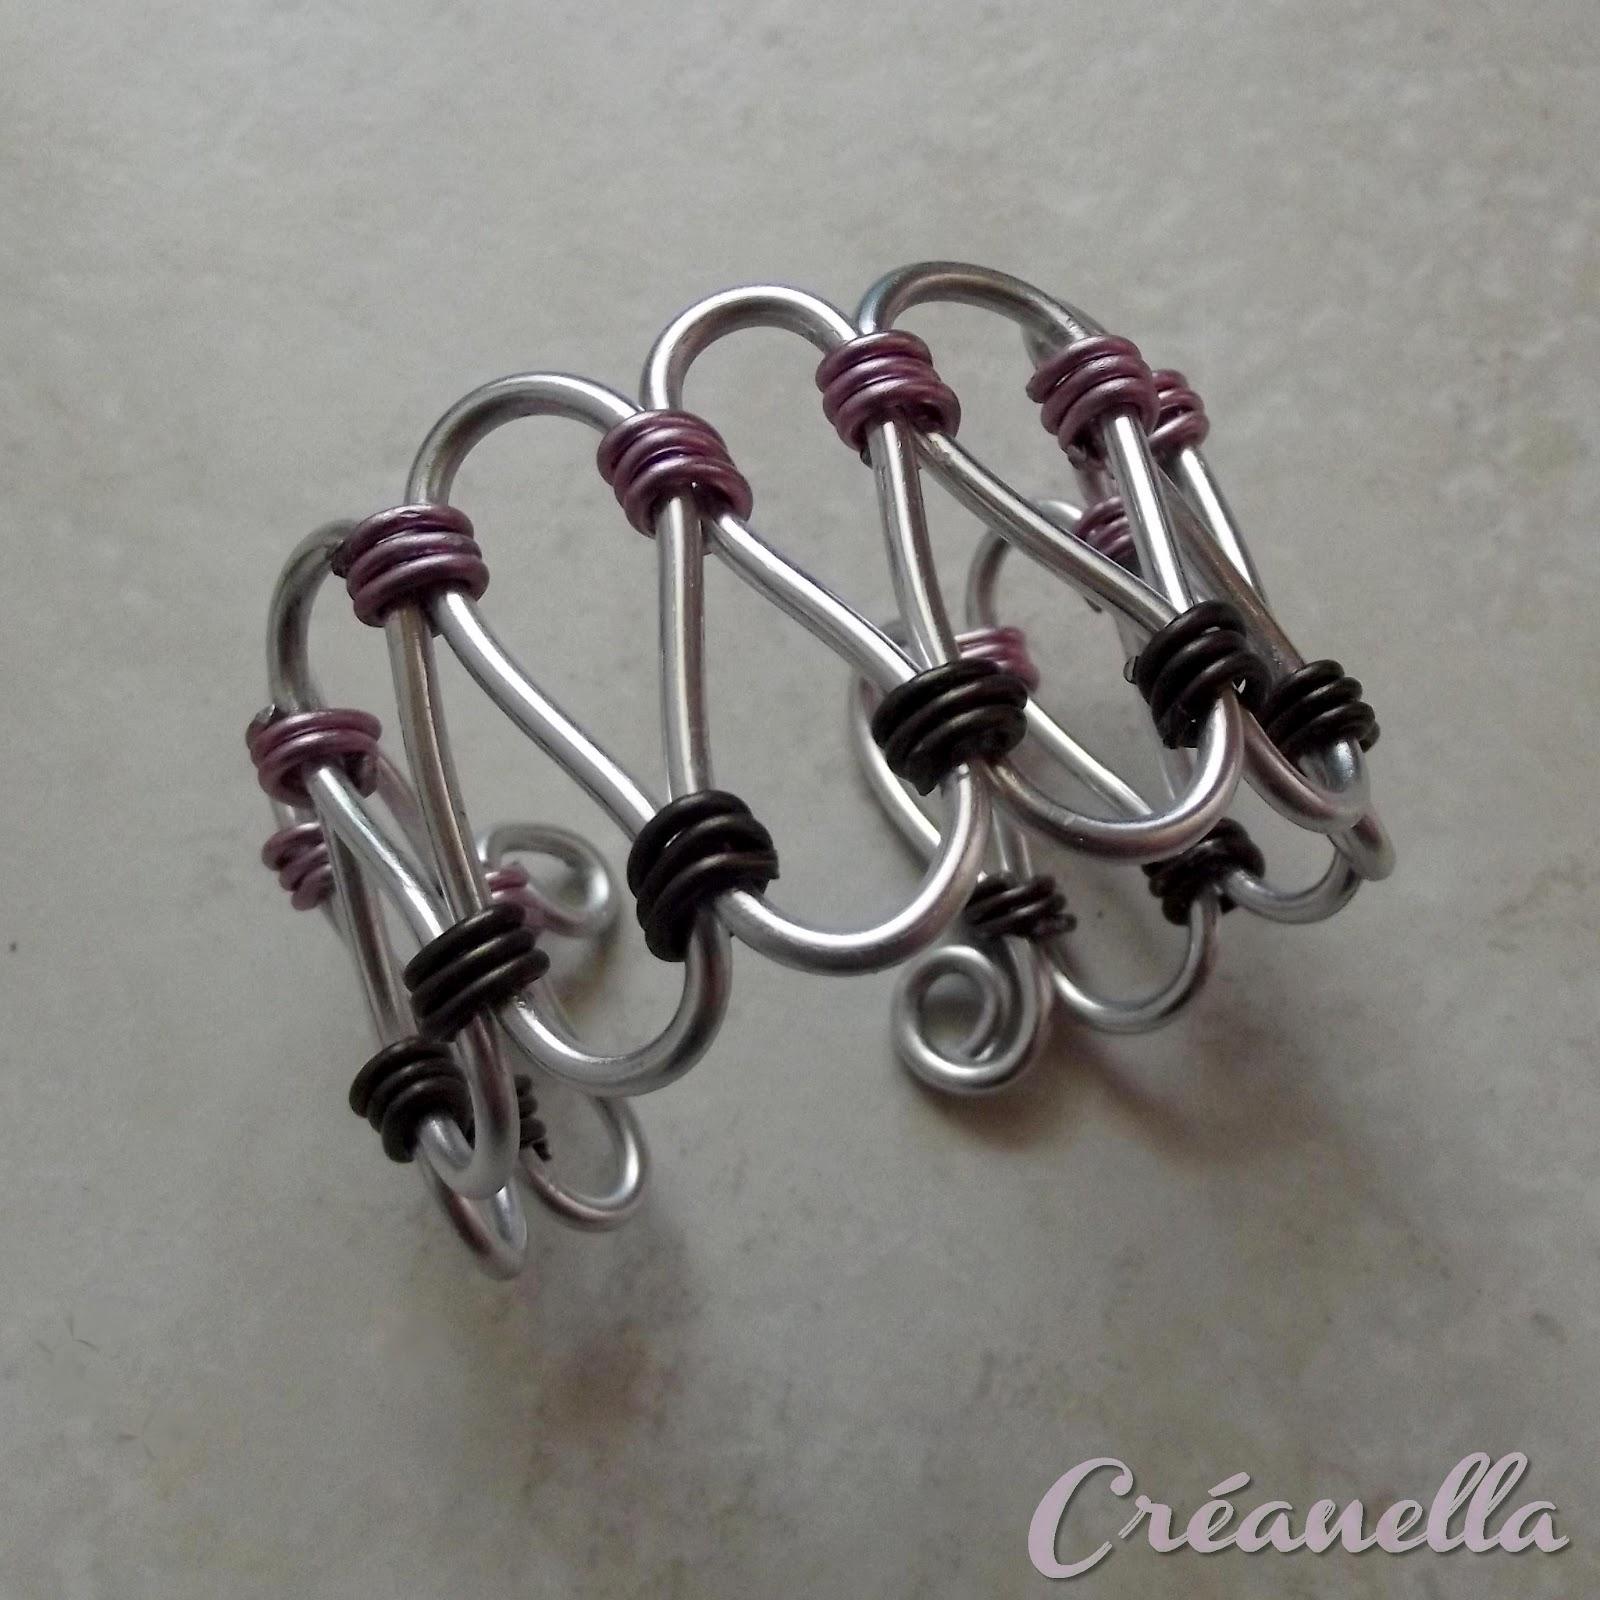 cr anella atelier cr atif bracelet en fil alu. Black Bedroom Furniture Sets. Home Design Ideas